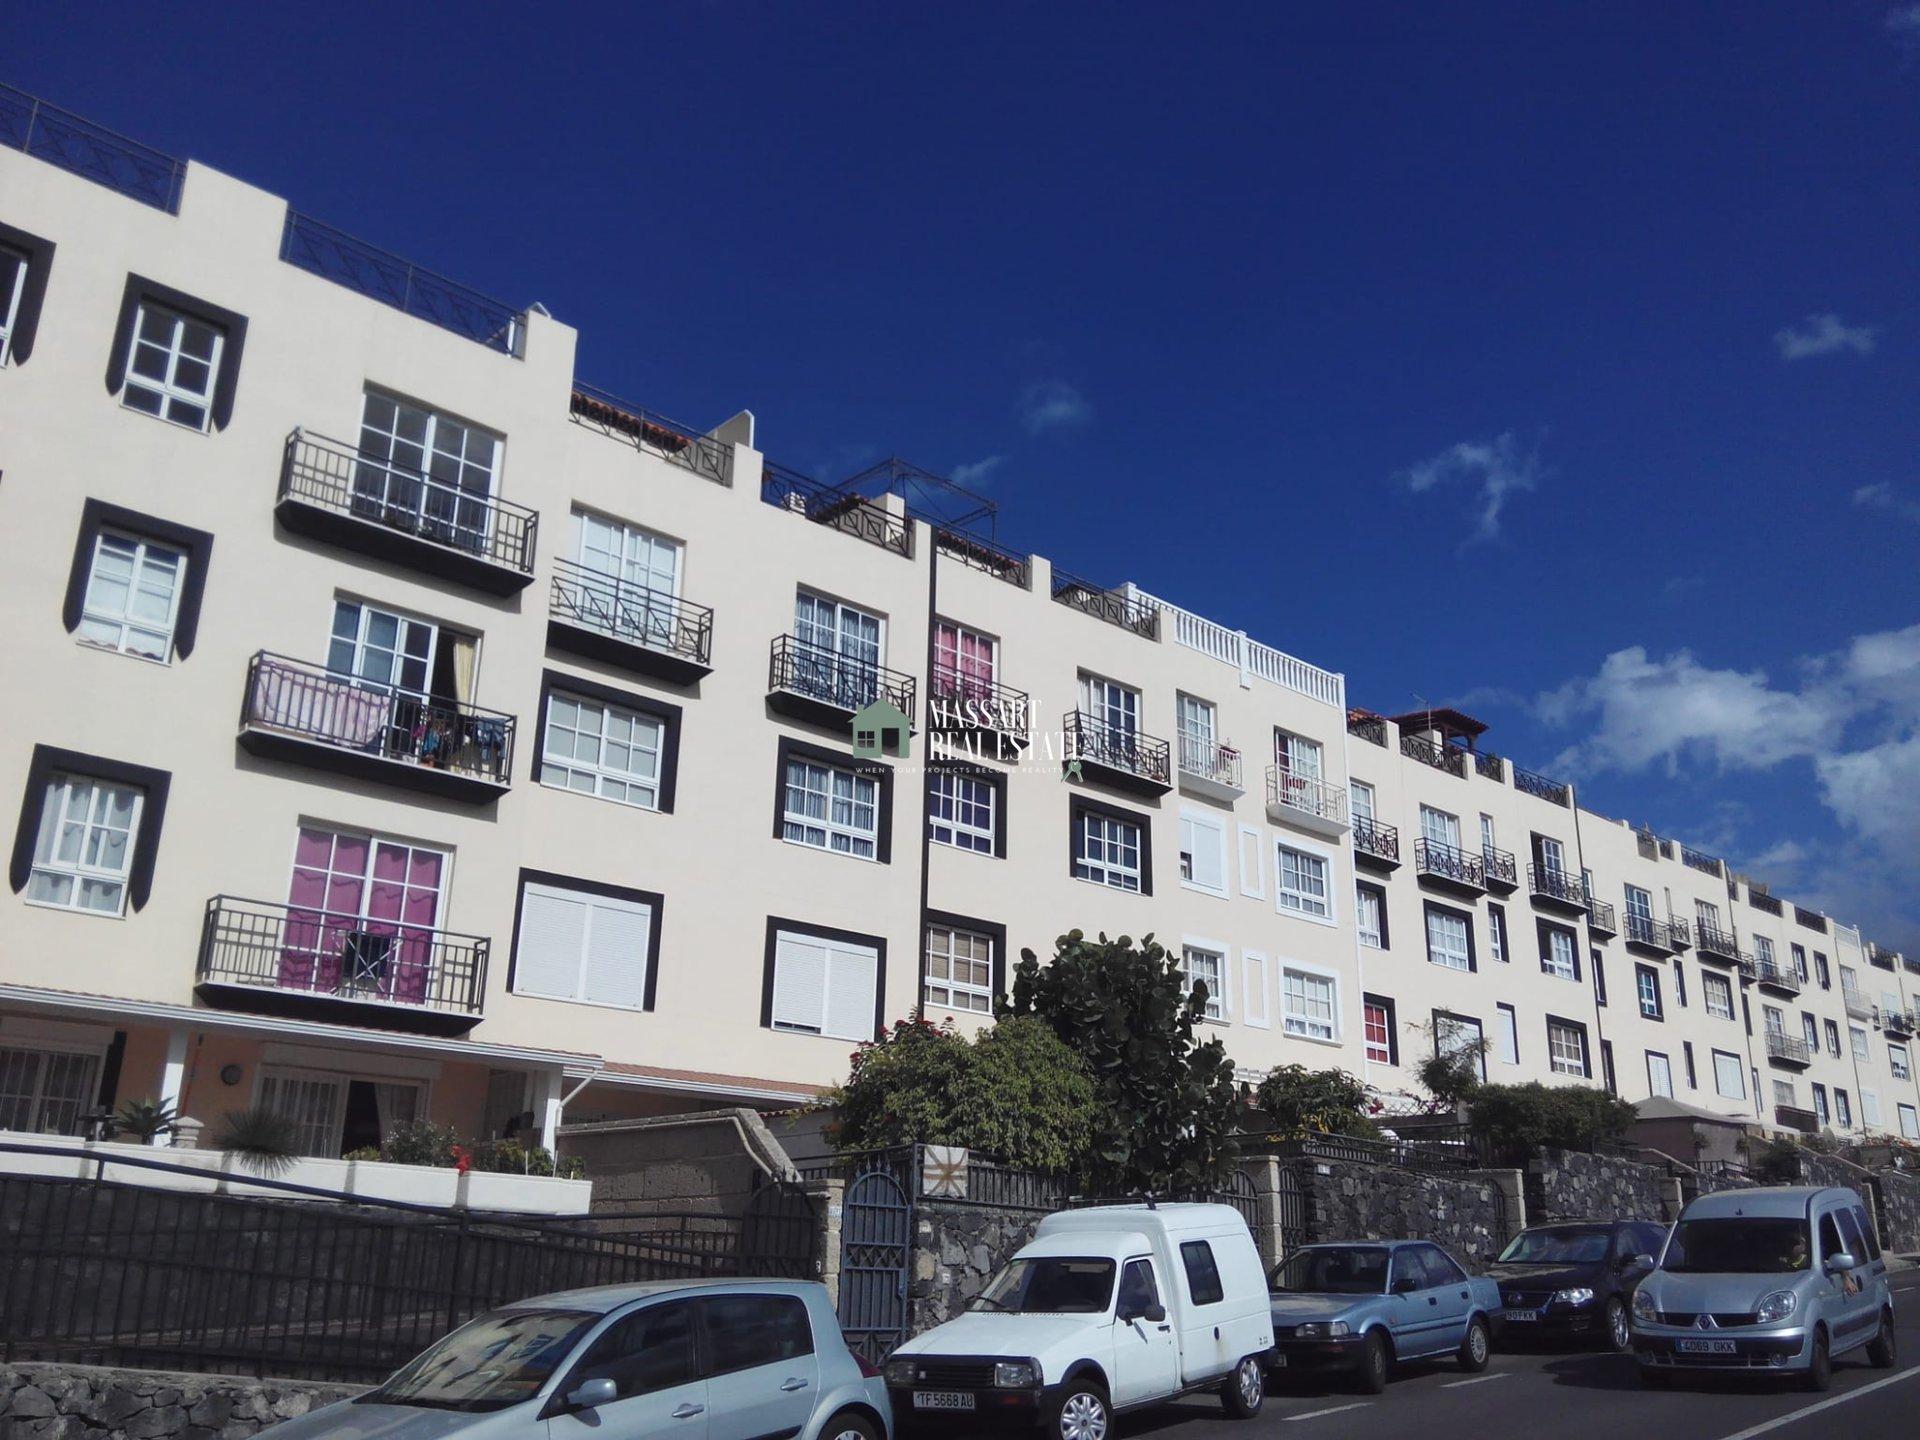 Te huur in Callao Salvaje, in het wooncomplex Arco Iris, volledig gemeubileerde en gerenoveerde duplex… zeer dicht bij het strand!